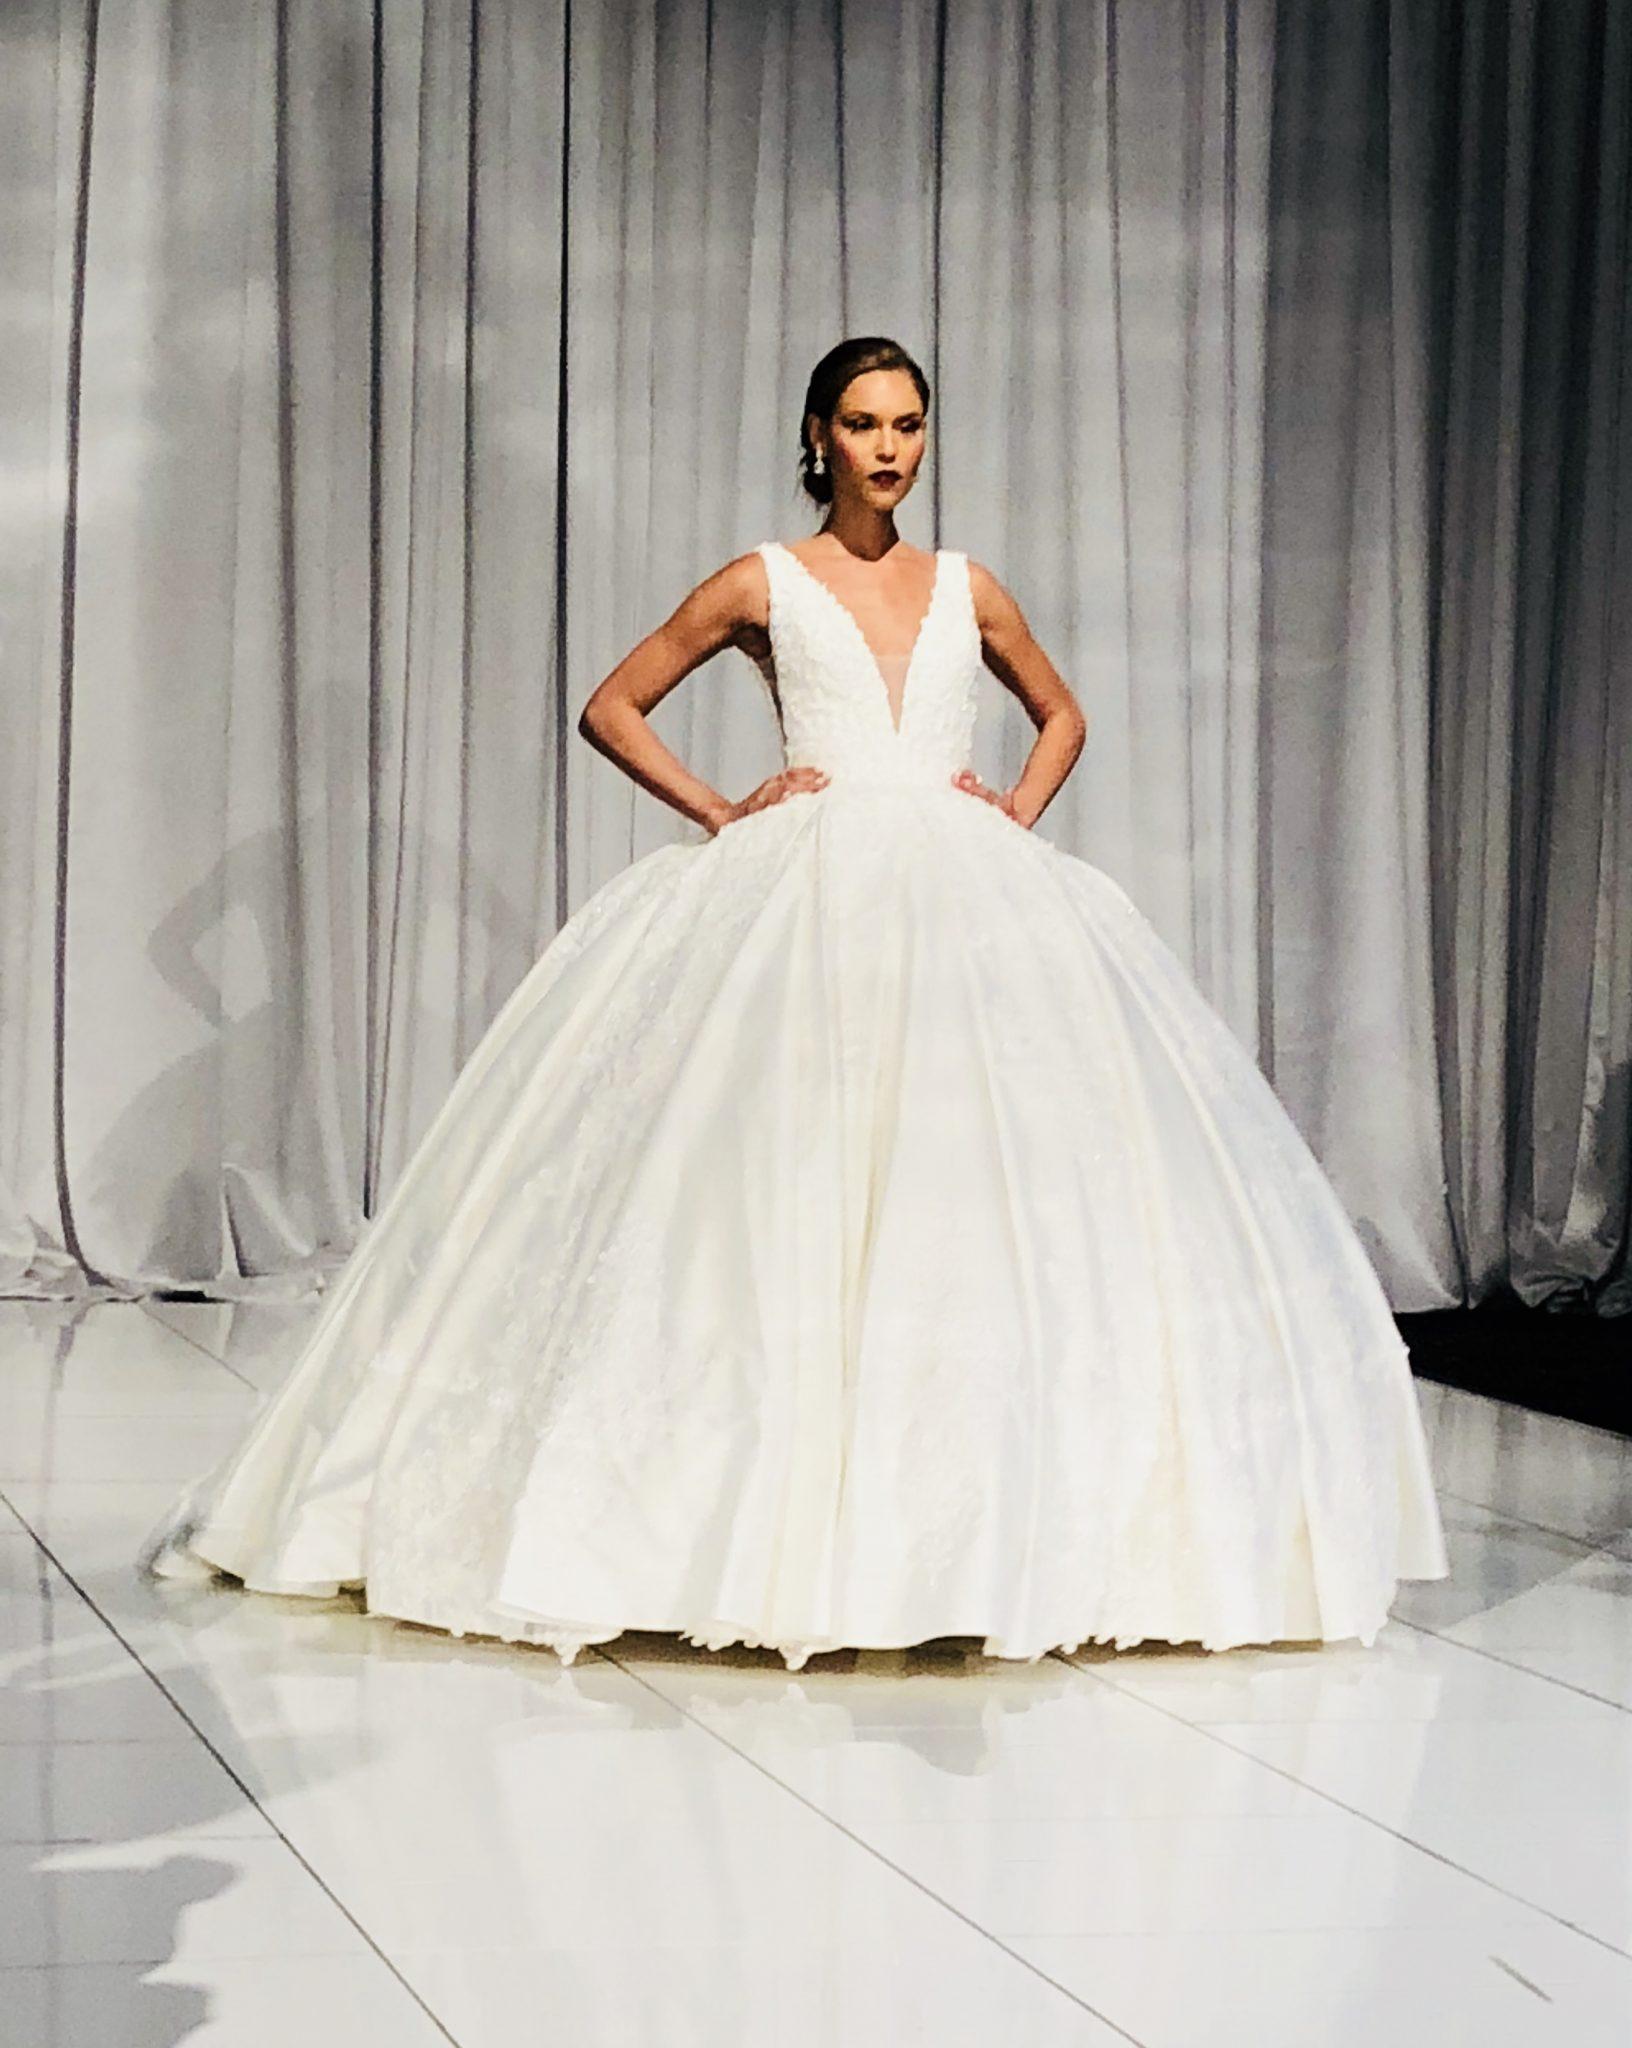 Second Annual Legendary Exclusive Elite Pour La Vie Haute Couture Fashion Show